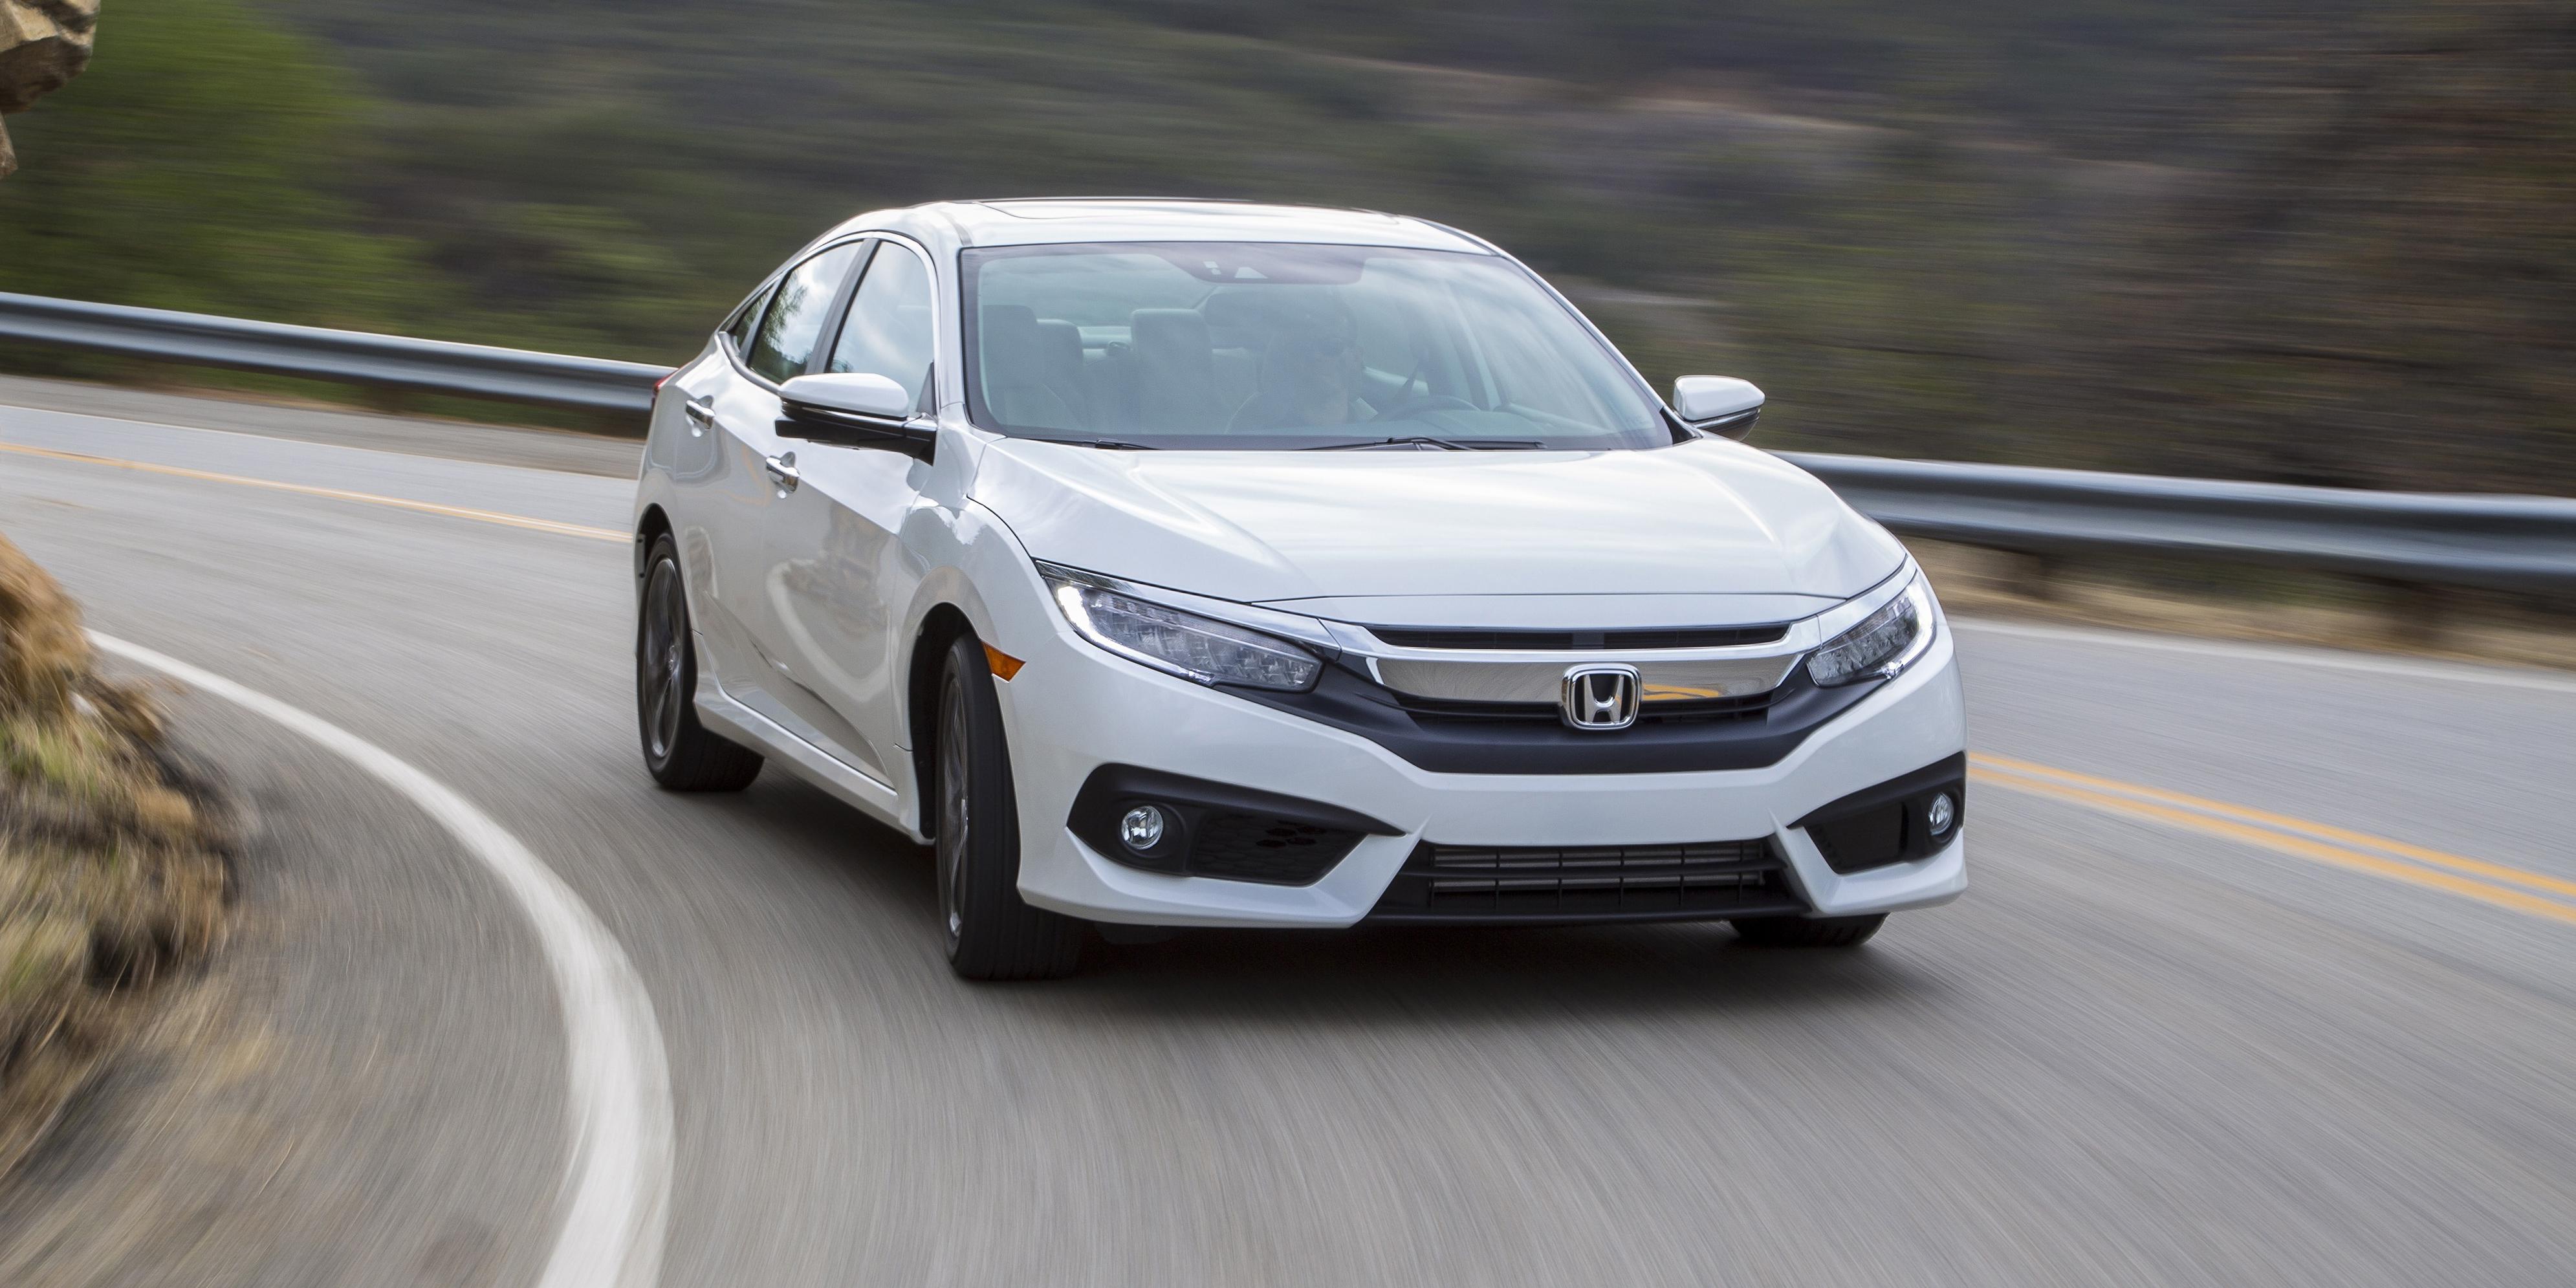 New Honda Civic Saloon Review | carwow